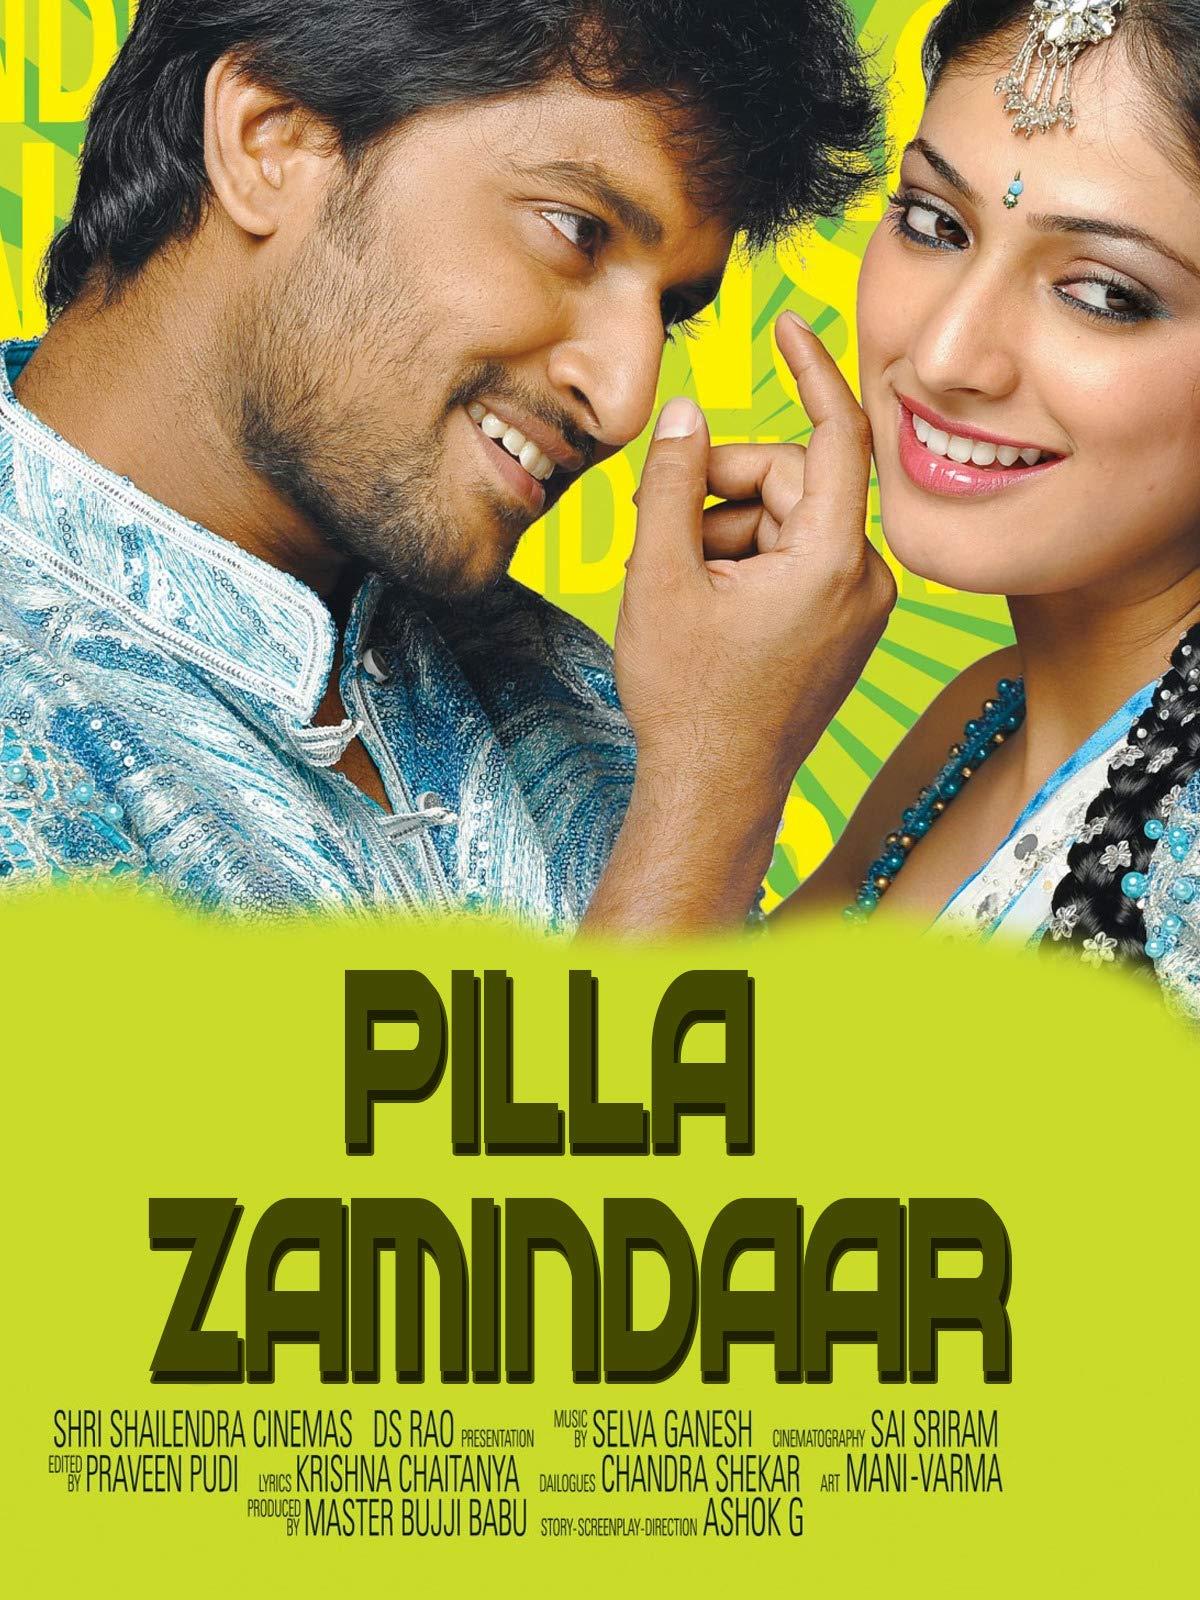 Pilla Zamindar